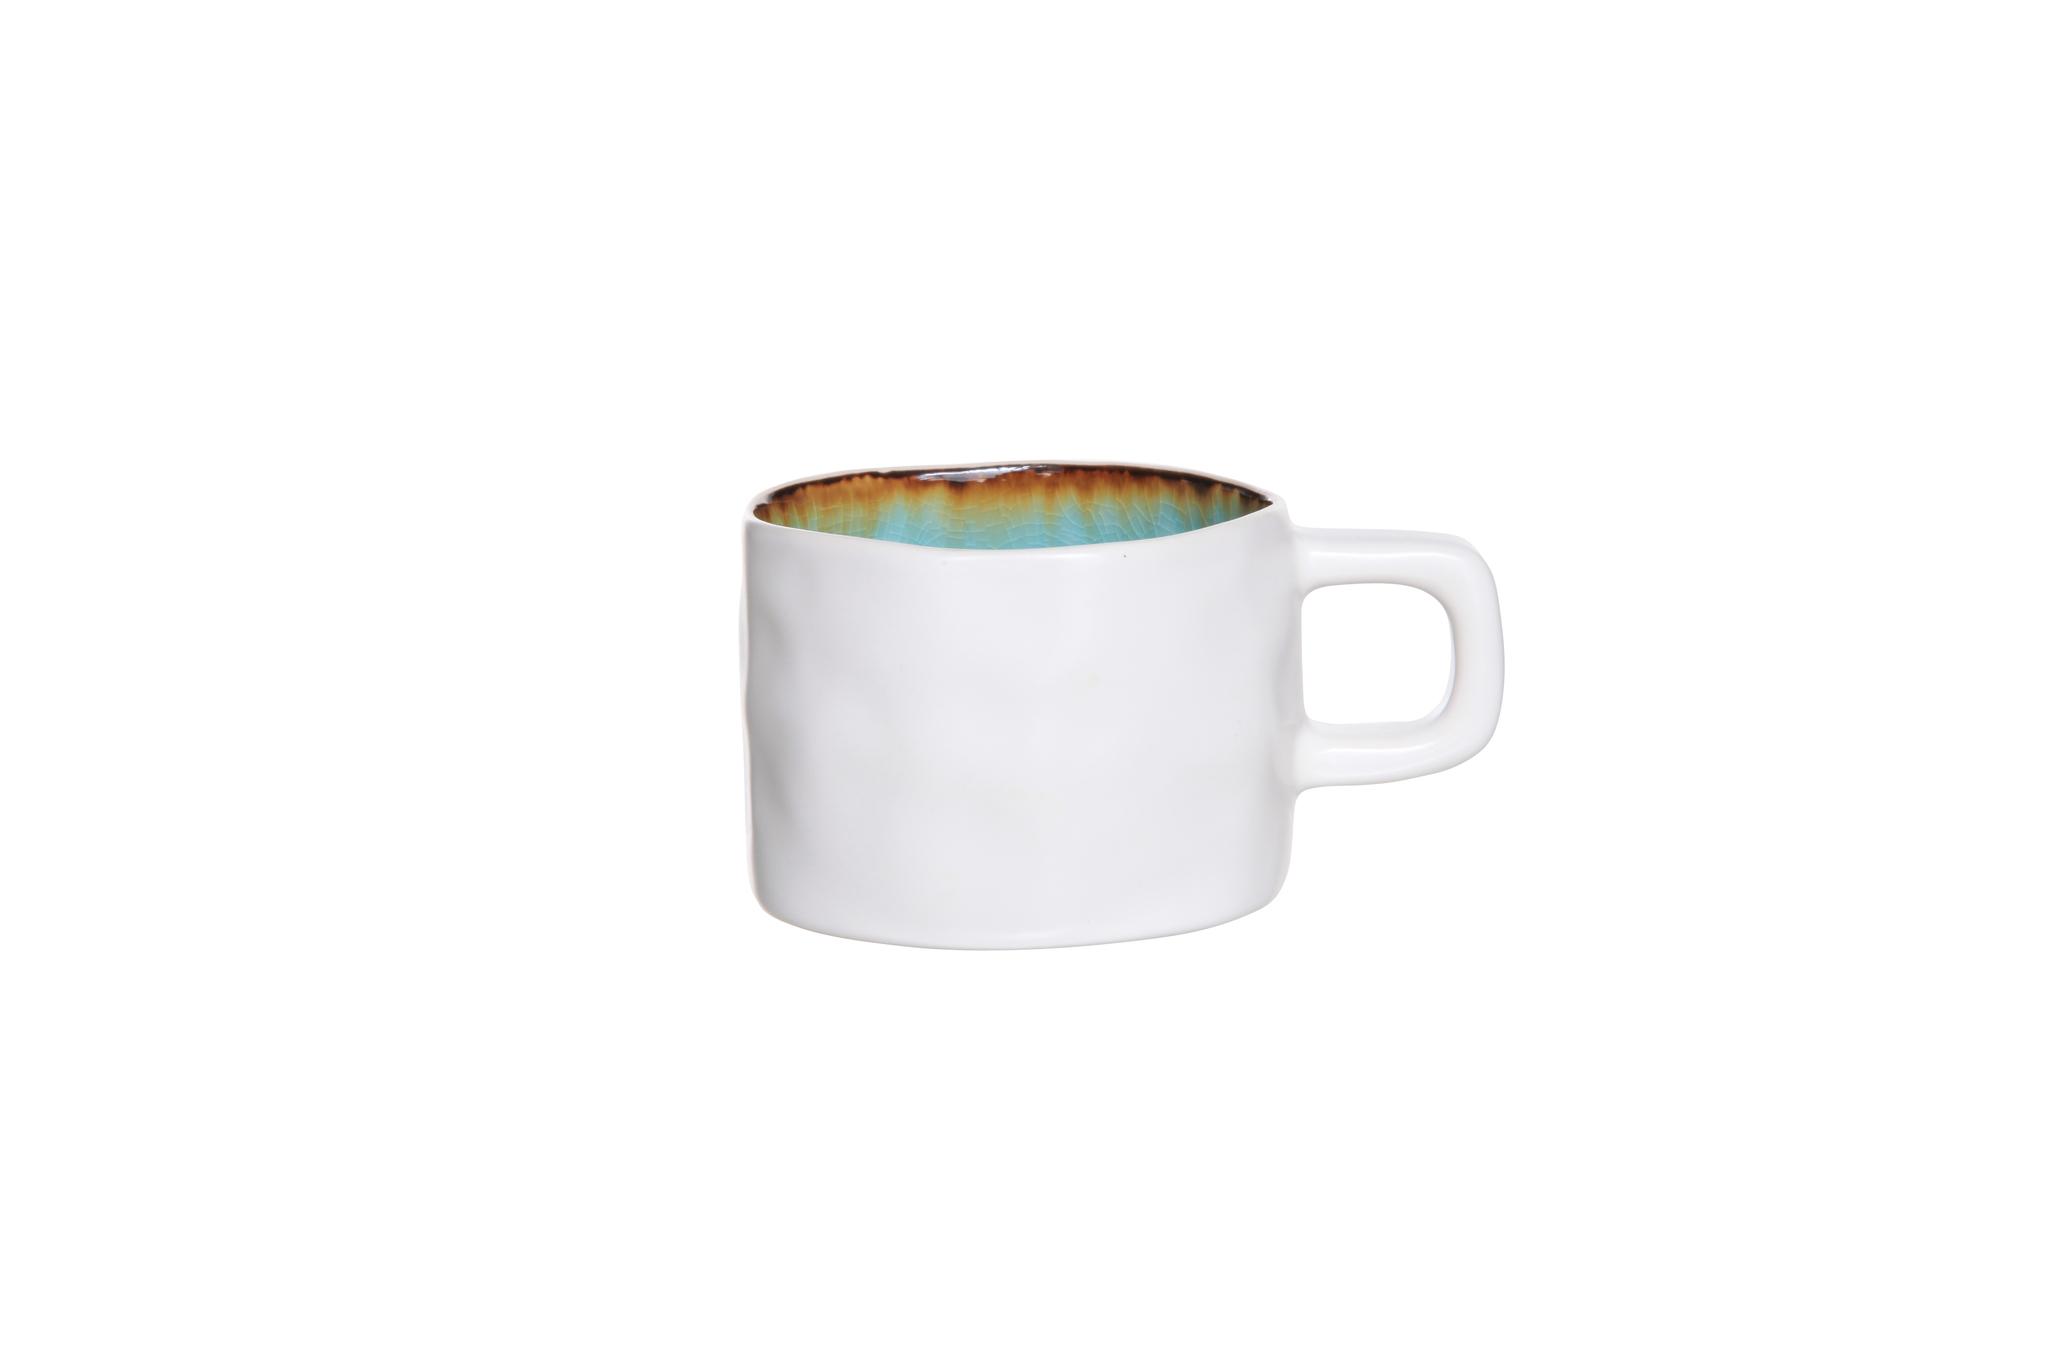 Чашка 8,5х6 см COSY&amp;TRENDY Laguna azzuro 1429999Новинки<br>Чашка 8,5х6 см COSY&amp;TRENDY Laguna azzuro 1429999<br><br>Эта коллекция из каменной керамики поражает удивительным цветом, текстурой и формой. Ярко-голубой оттенок с волнистым рельефом погружают в райскую лагуну. Органические края для дополнительного дизайна. Коллекция Laguna Azzuro воссоздает исключительный внешний вид приготовленных блюд.<br>